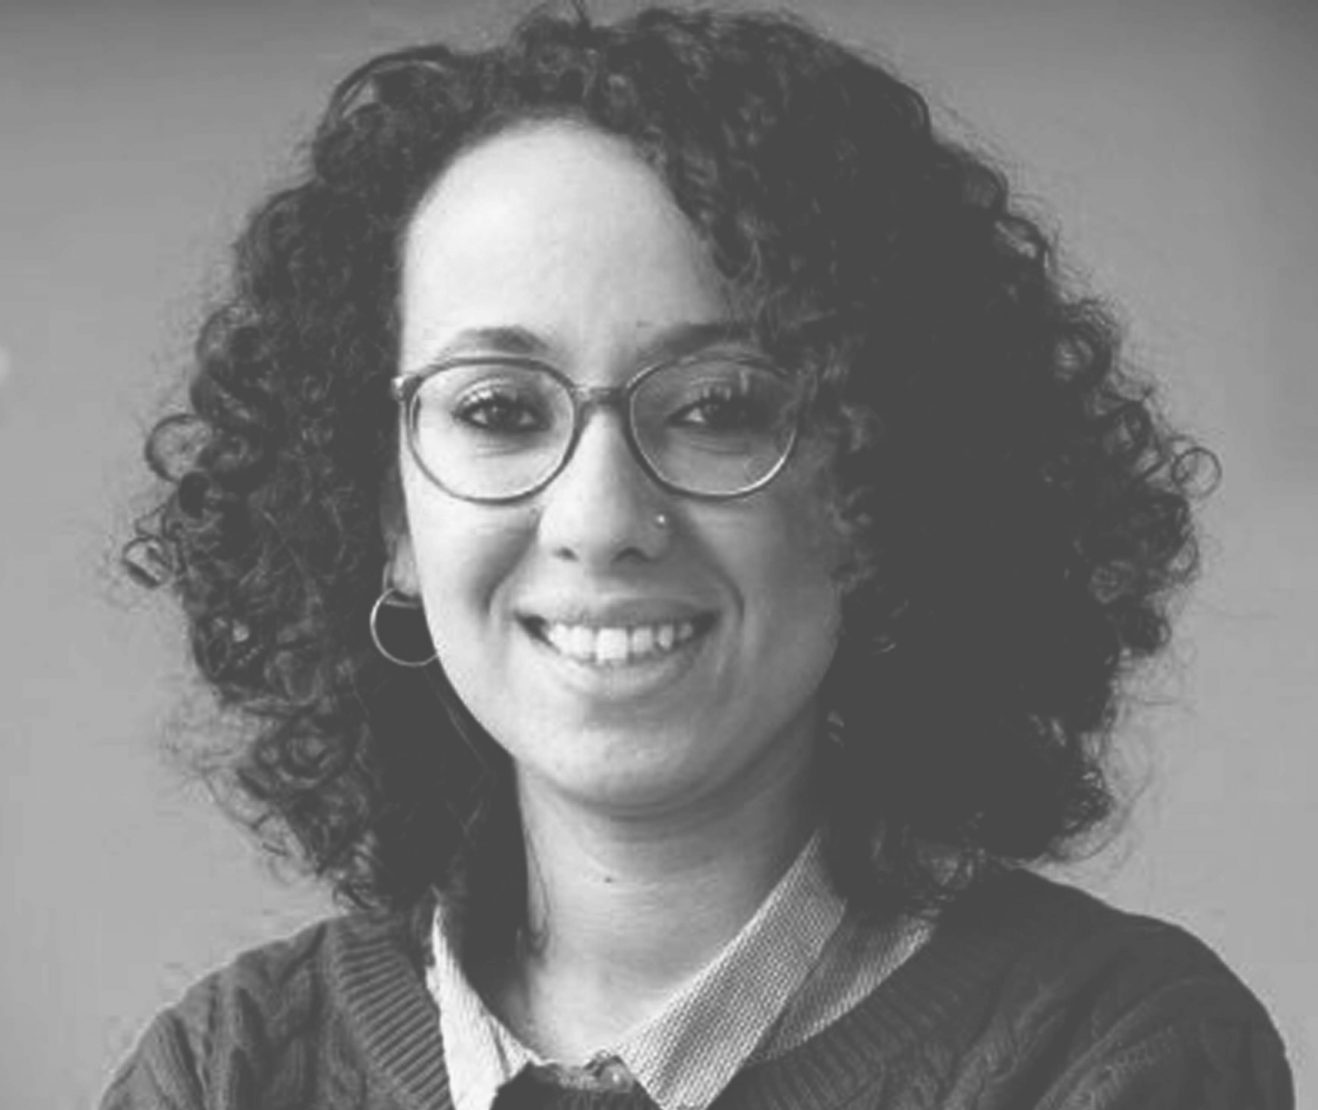 أفراح ناصر - صحافية يمنية